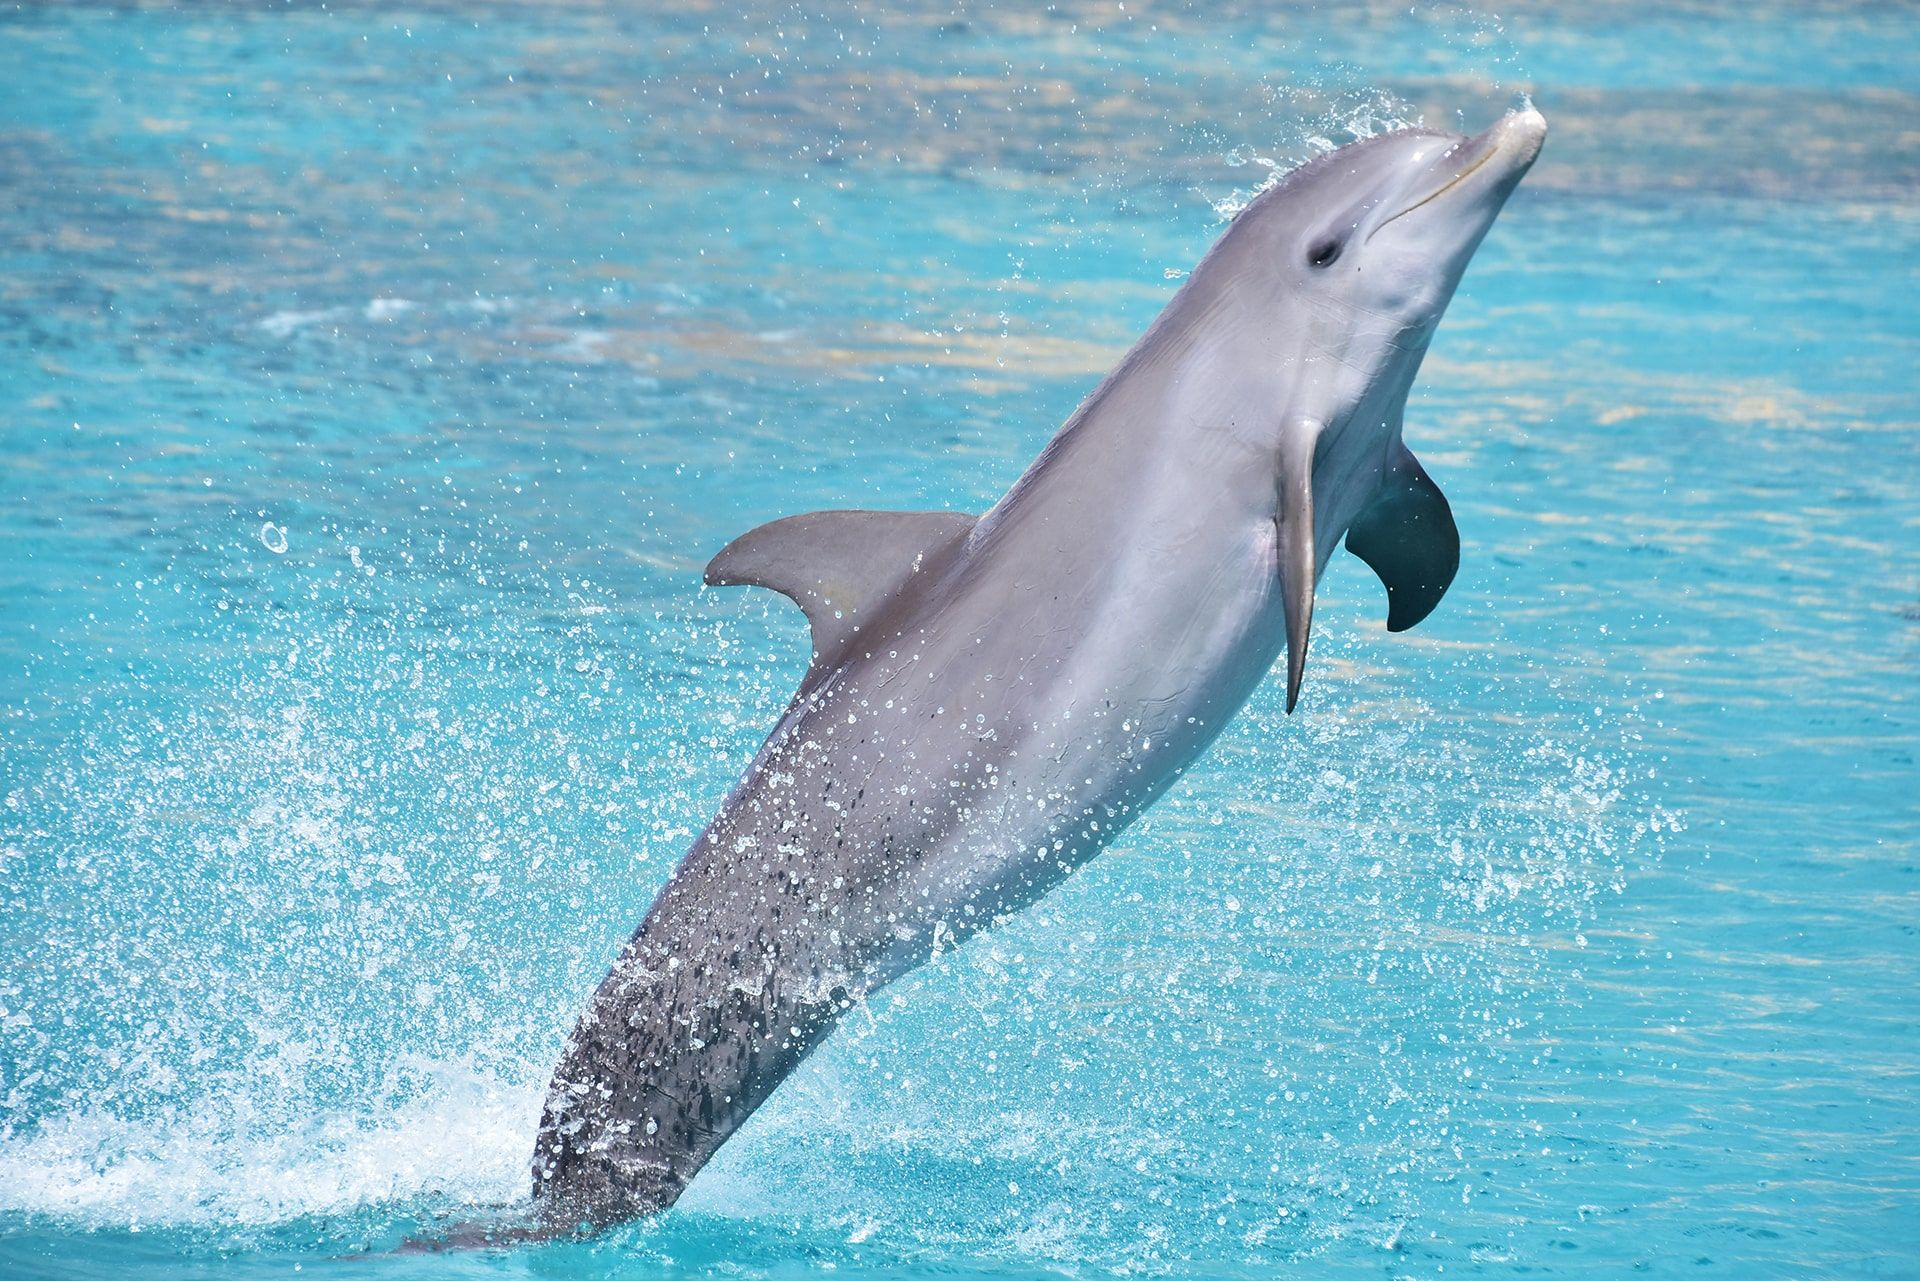 Un delfín saltando del mar en la Academia de Delfines de Curaçao.